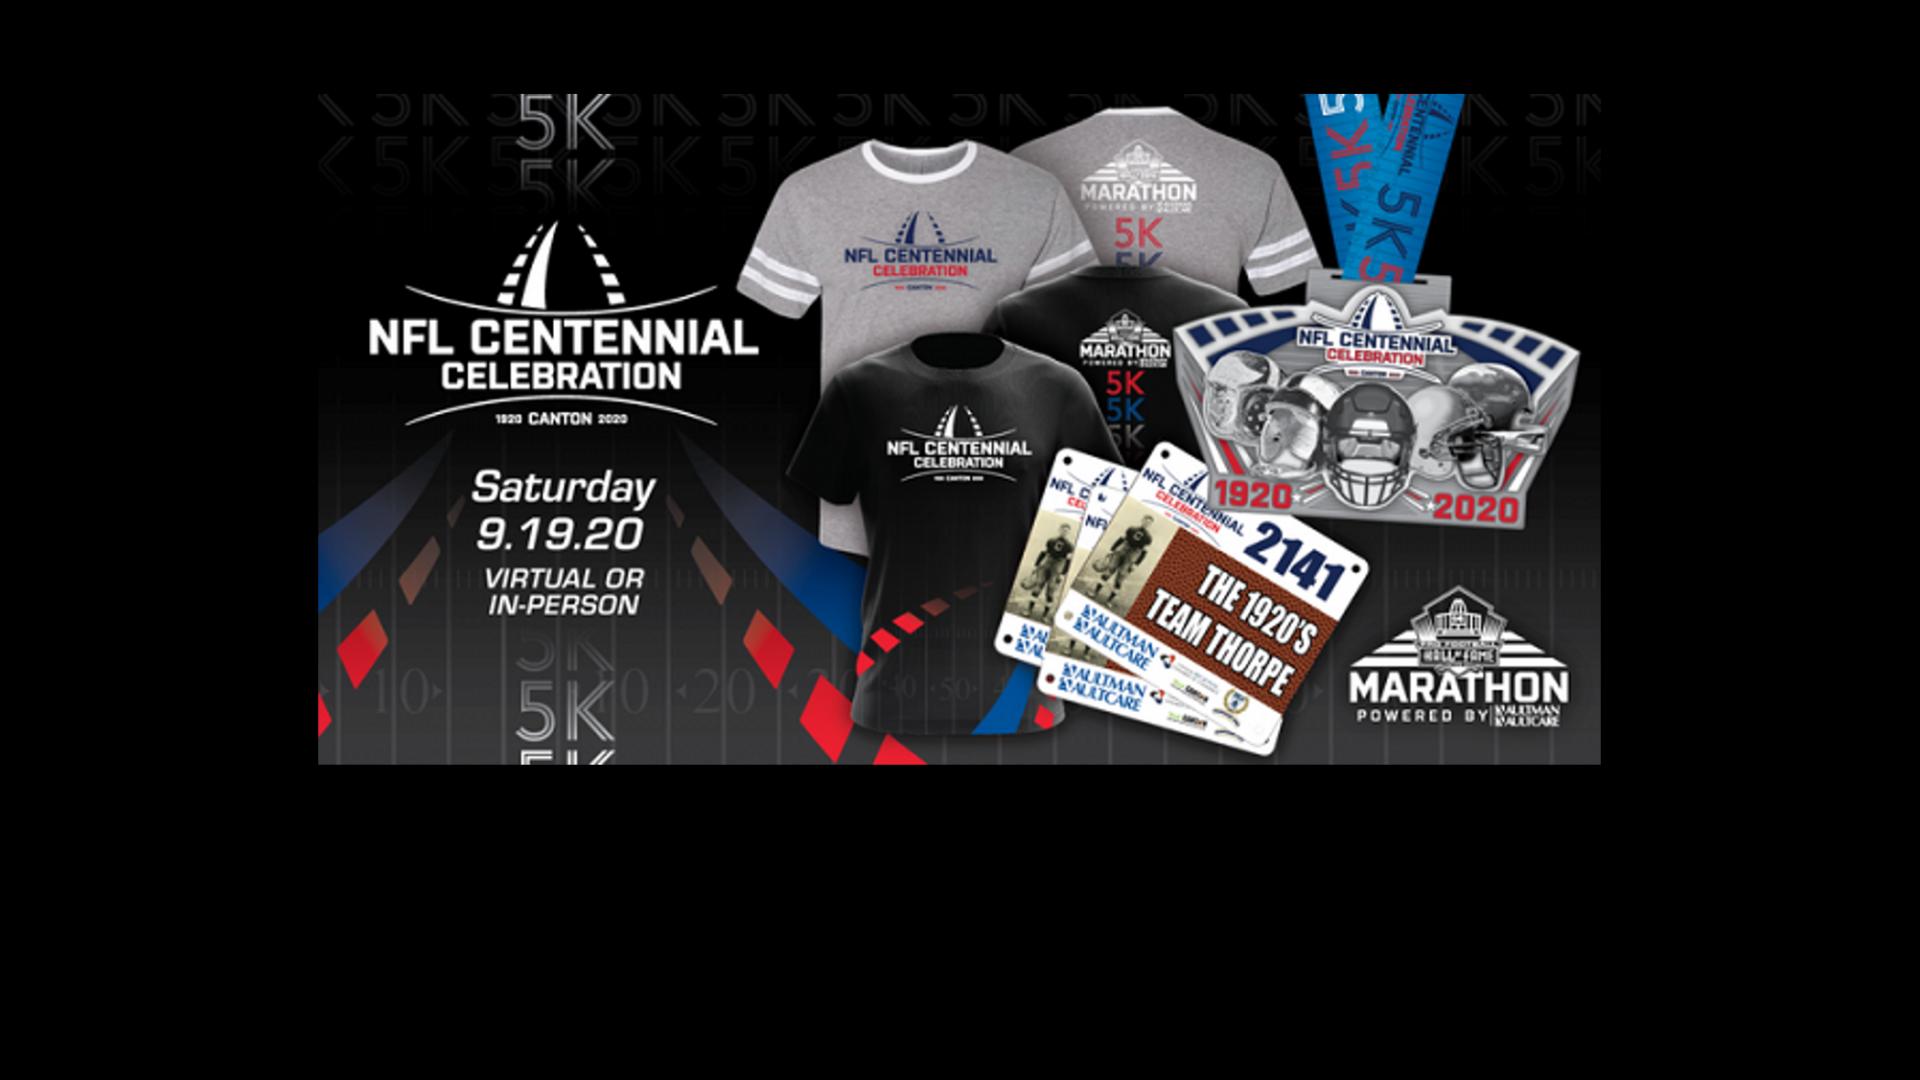 nfl centennial